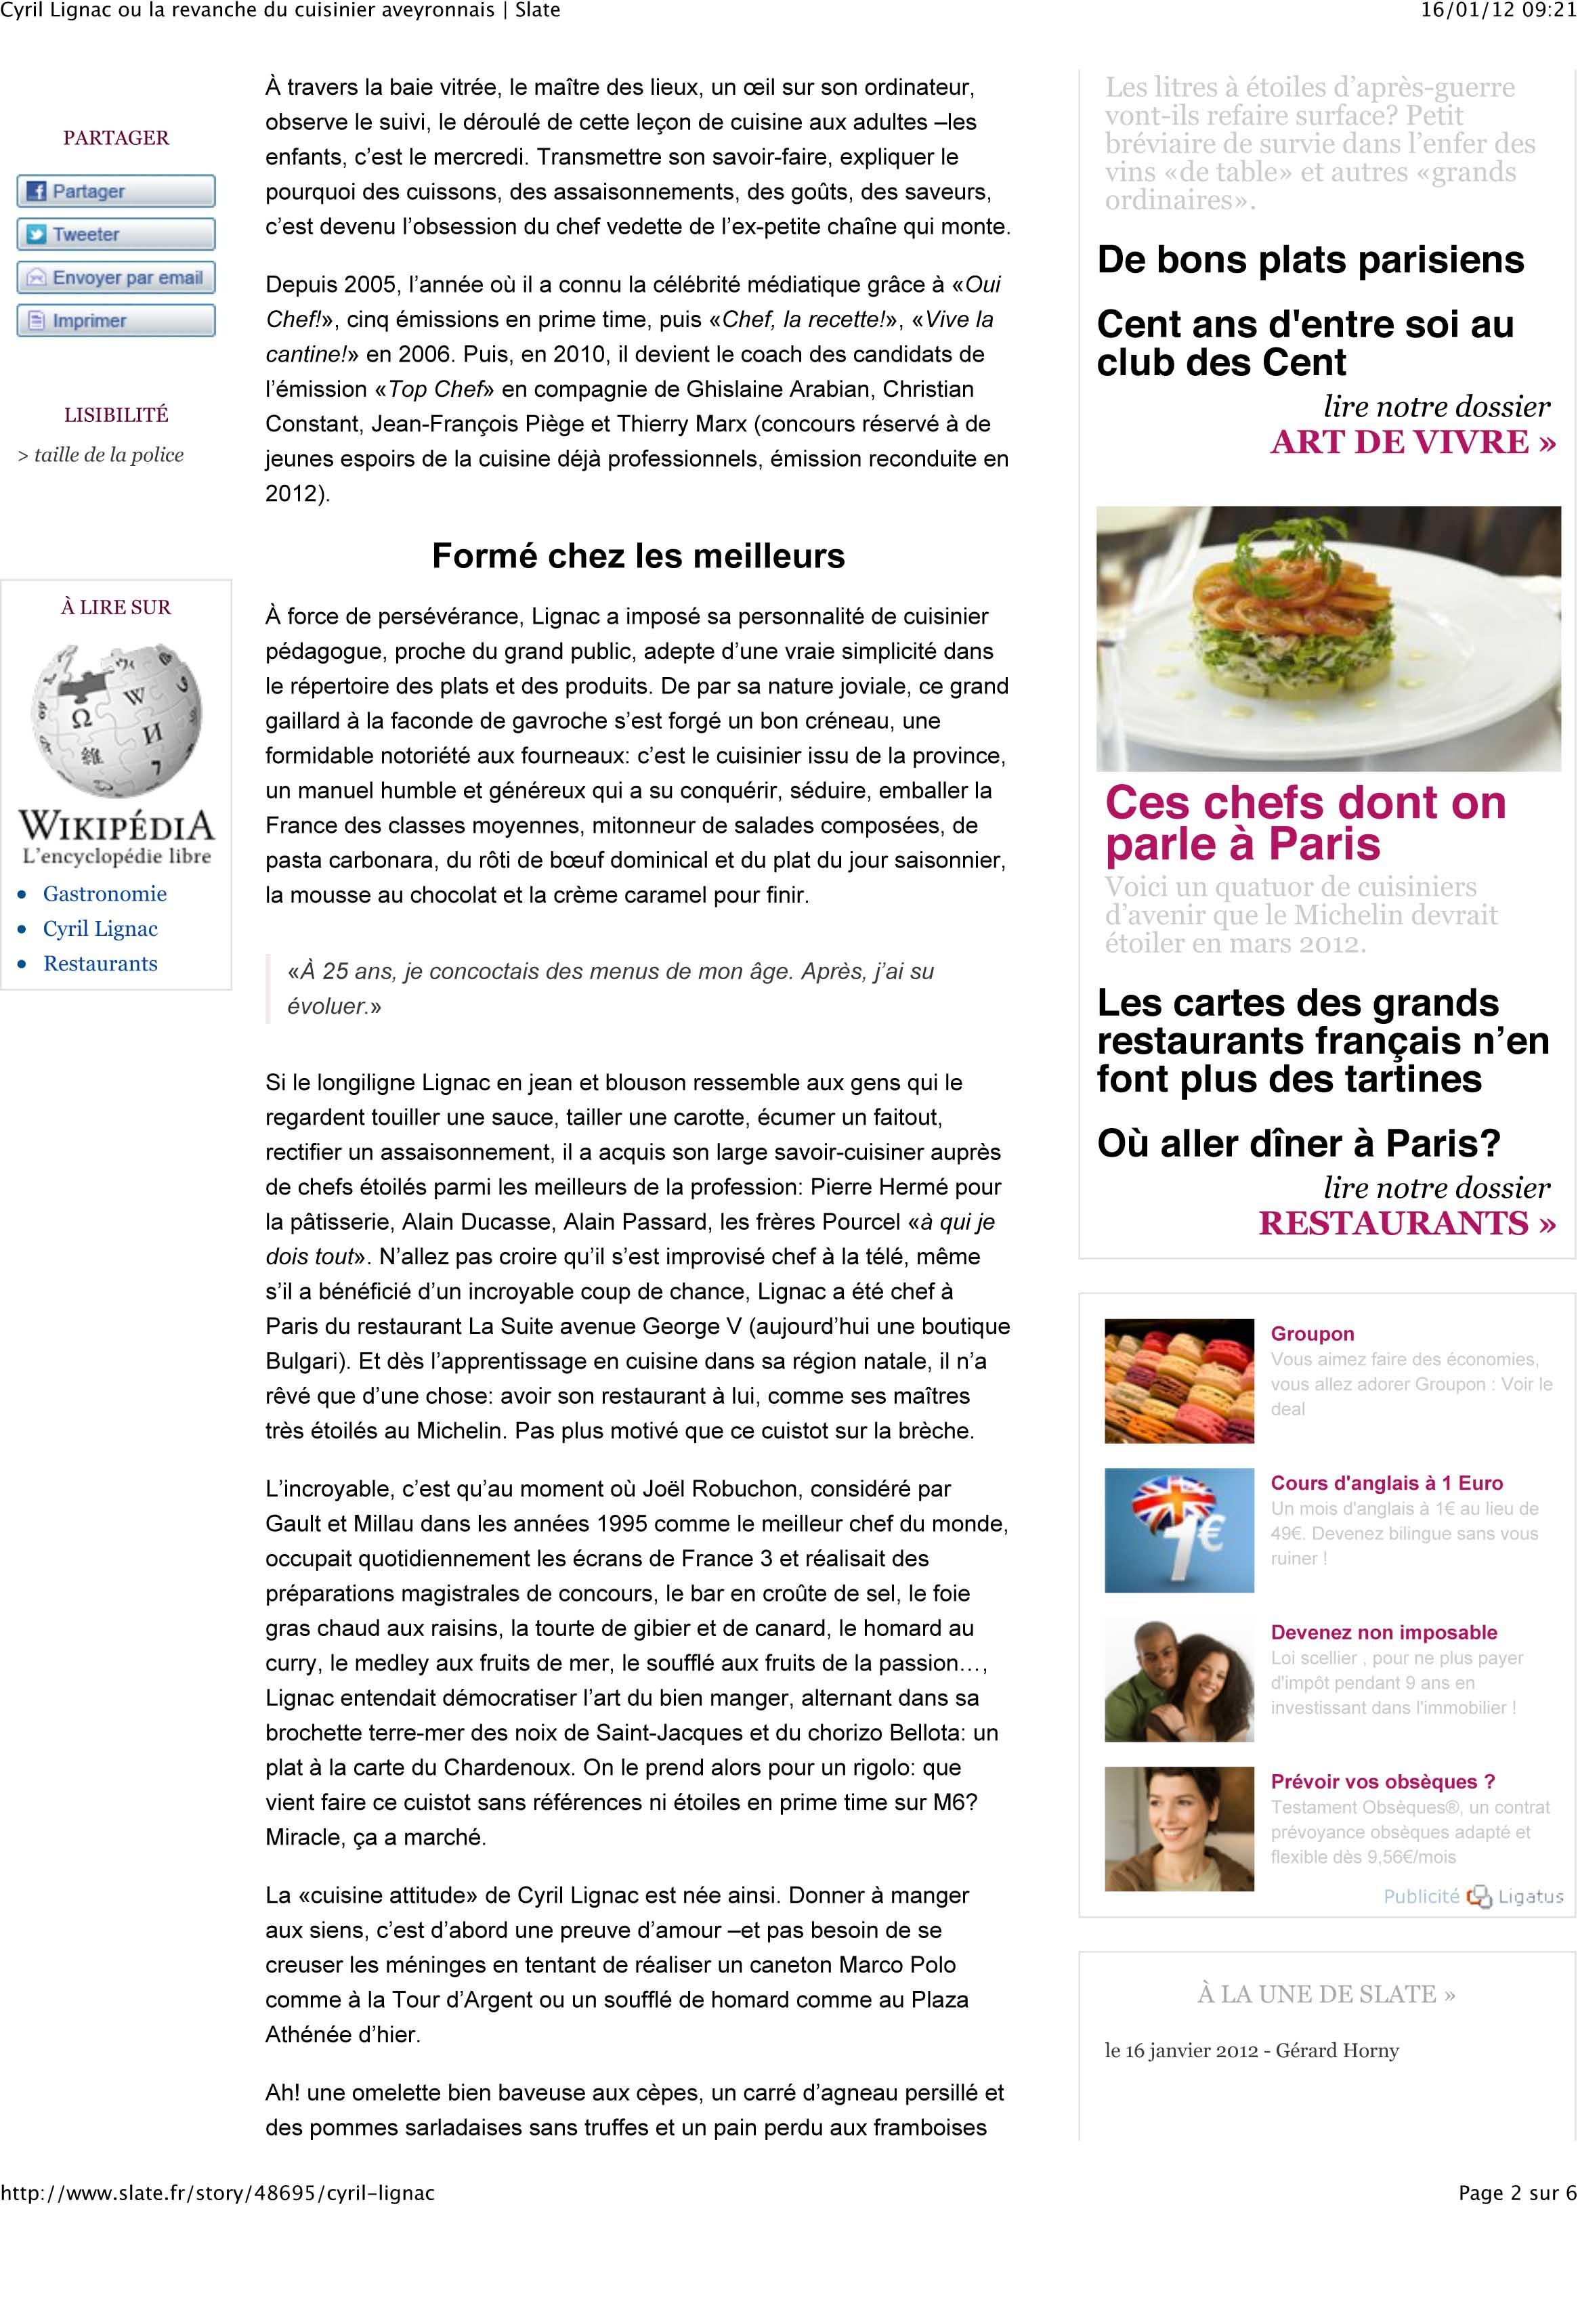 100 cours de cuisine paris cyril stage de cuisine - Cours de cuisine avec cyril lignac ...